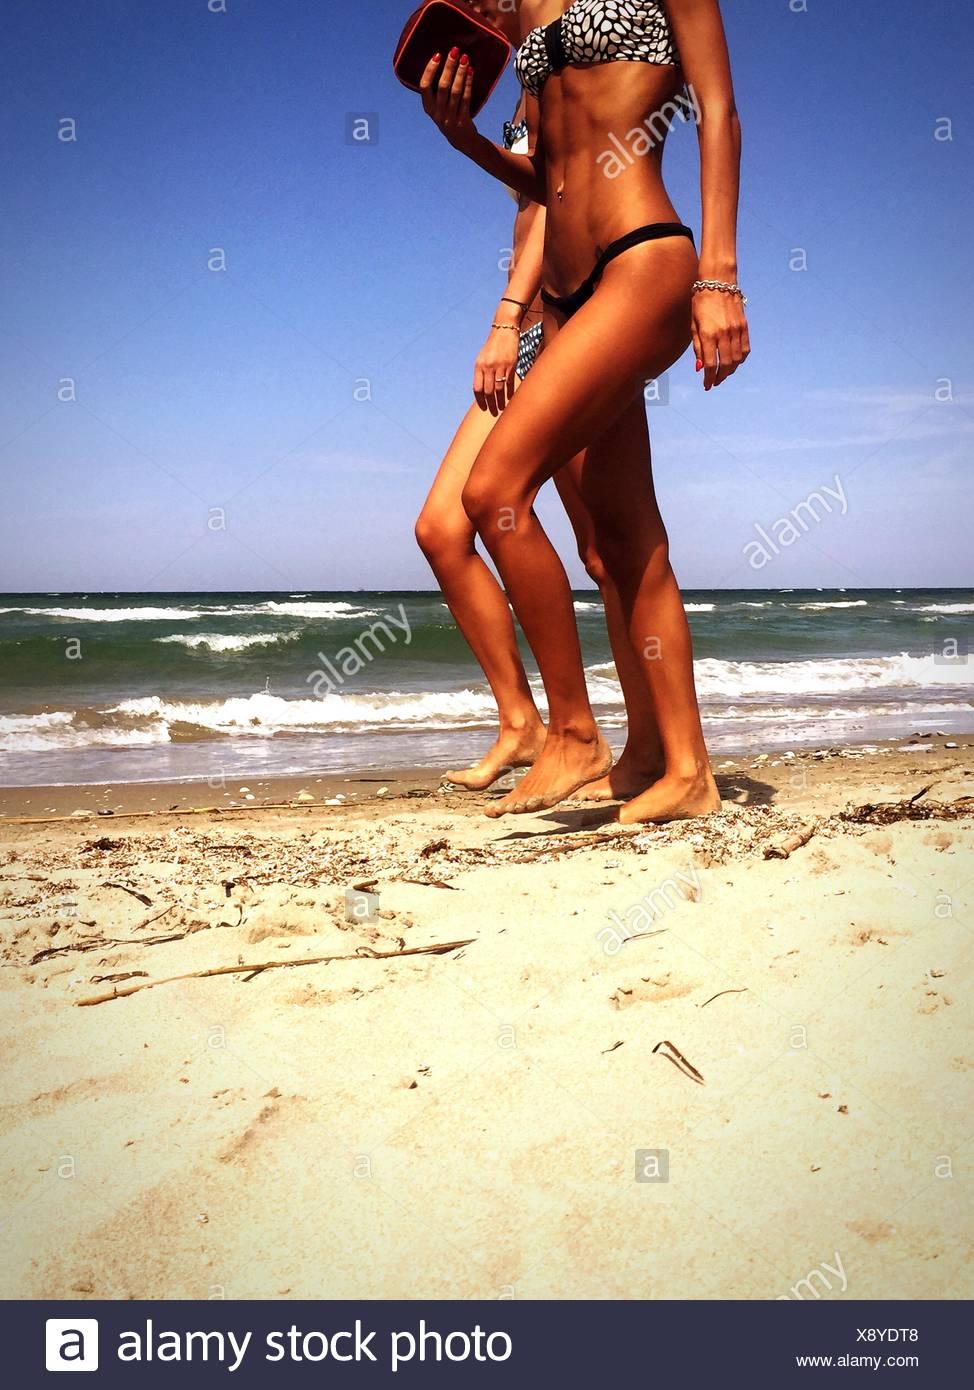 Zwei Frauen am Strand spazieren Stockbild